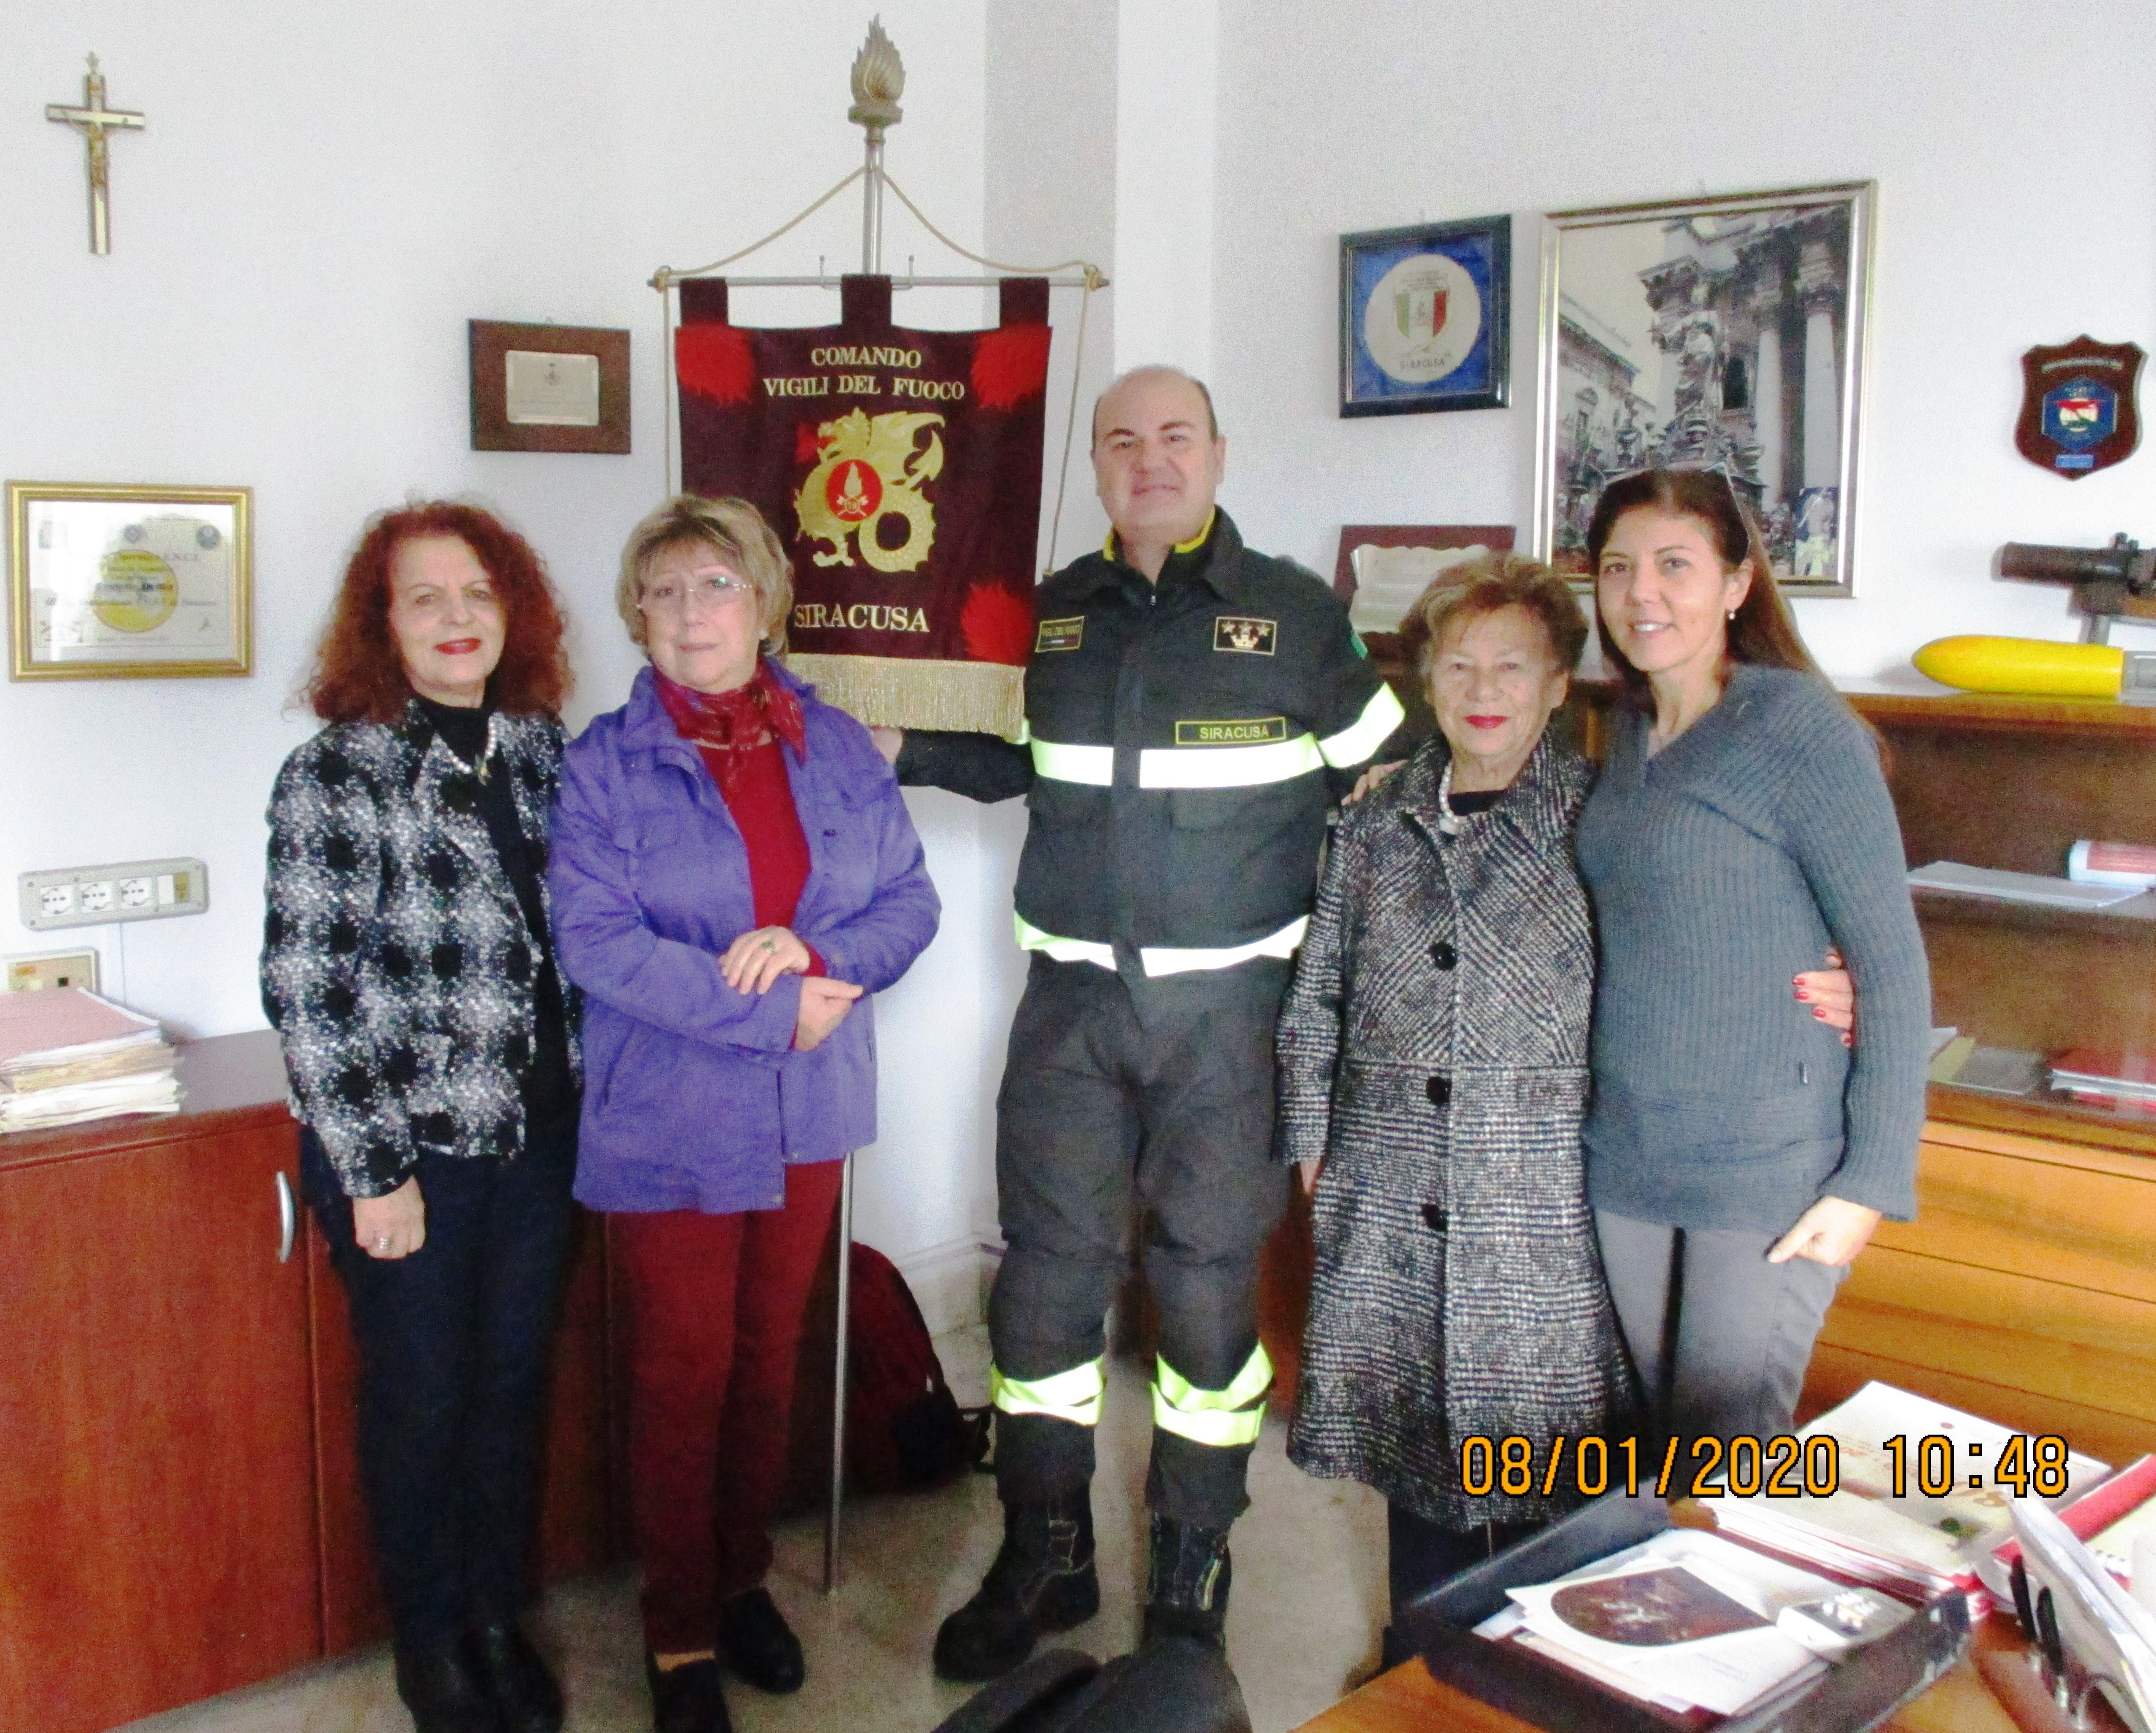 Angelica Romano, Pina Cannizzo, Michele Burgio, Carmela Pace, Francesca Guido